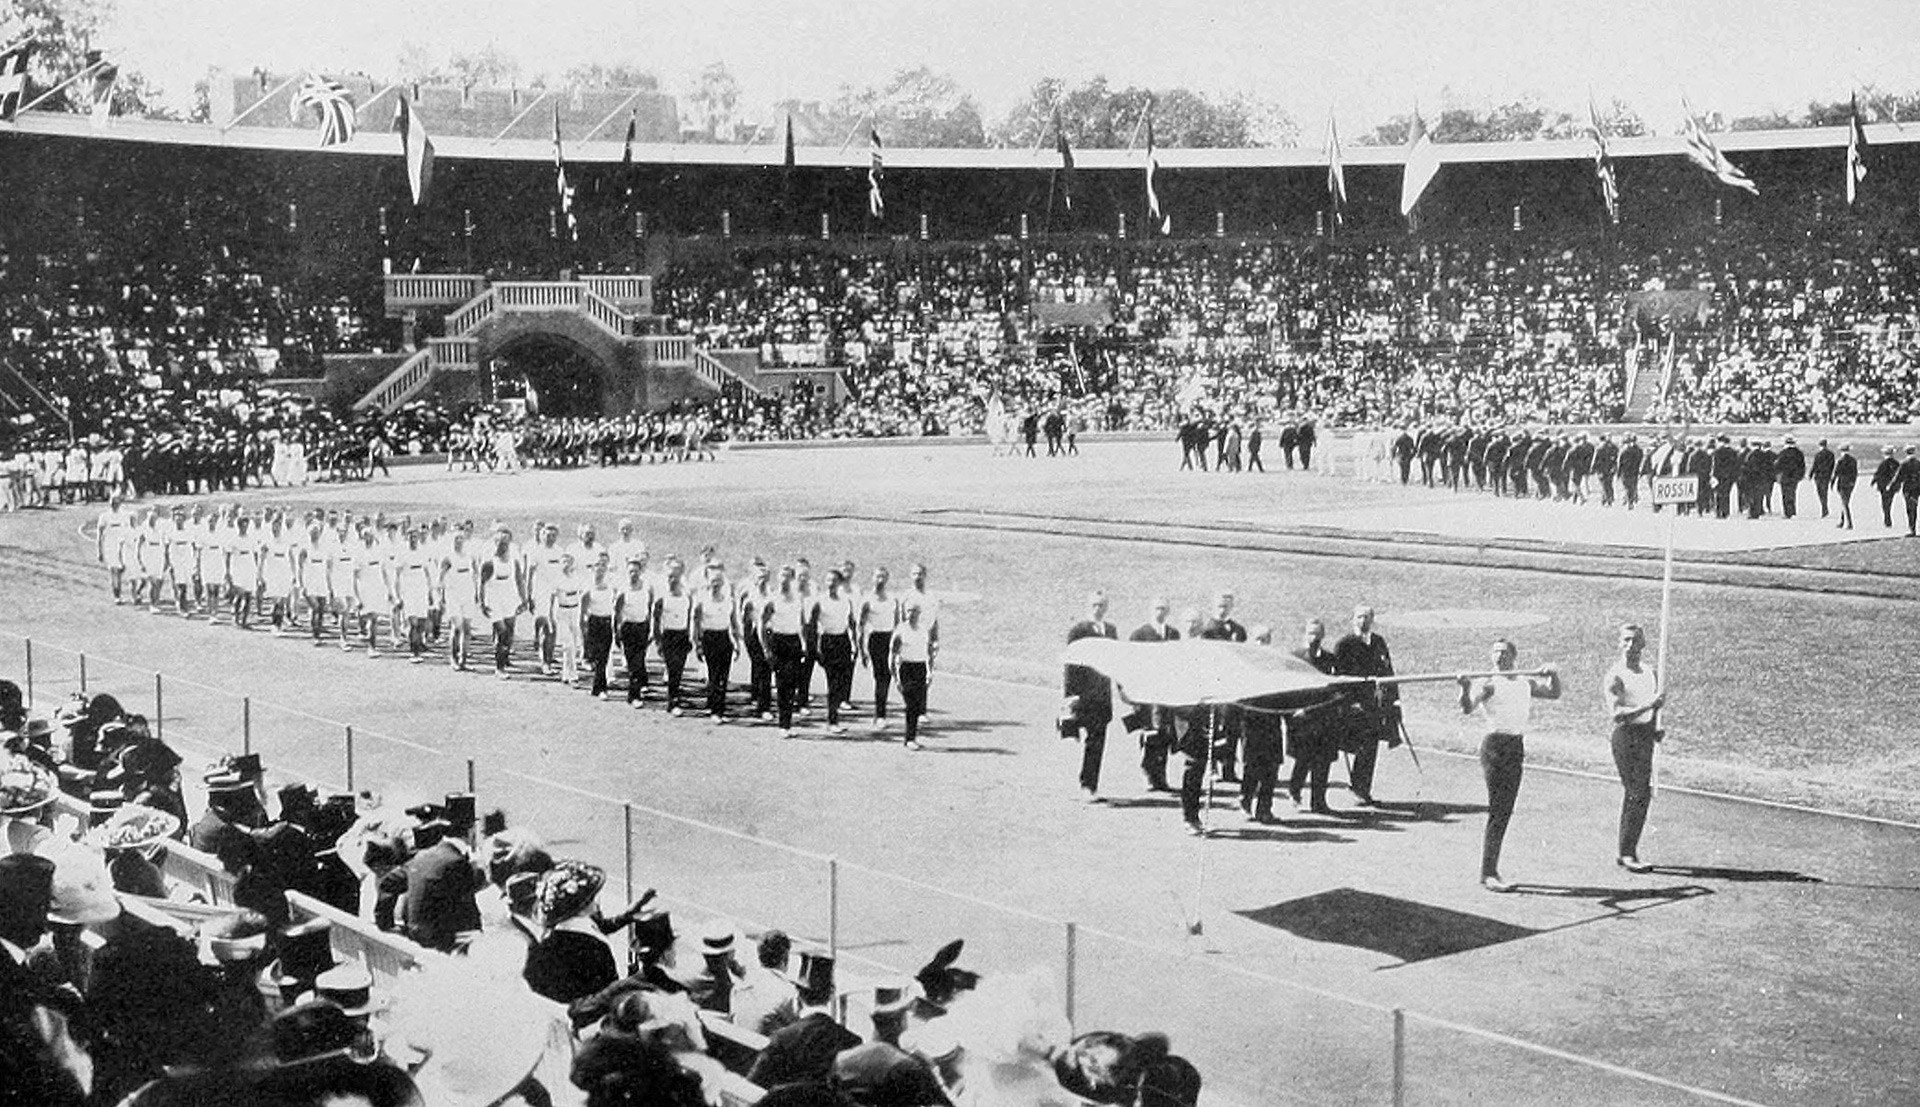 Atletas rusos en la Ceremonia de la inauguración de los Juegos Olímpicos de 1912.